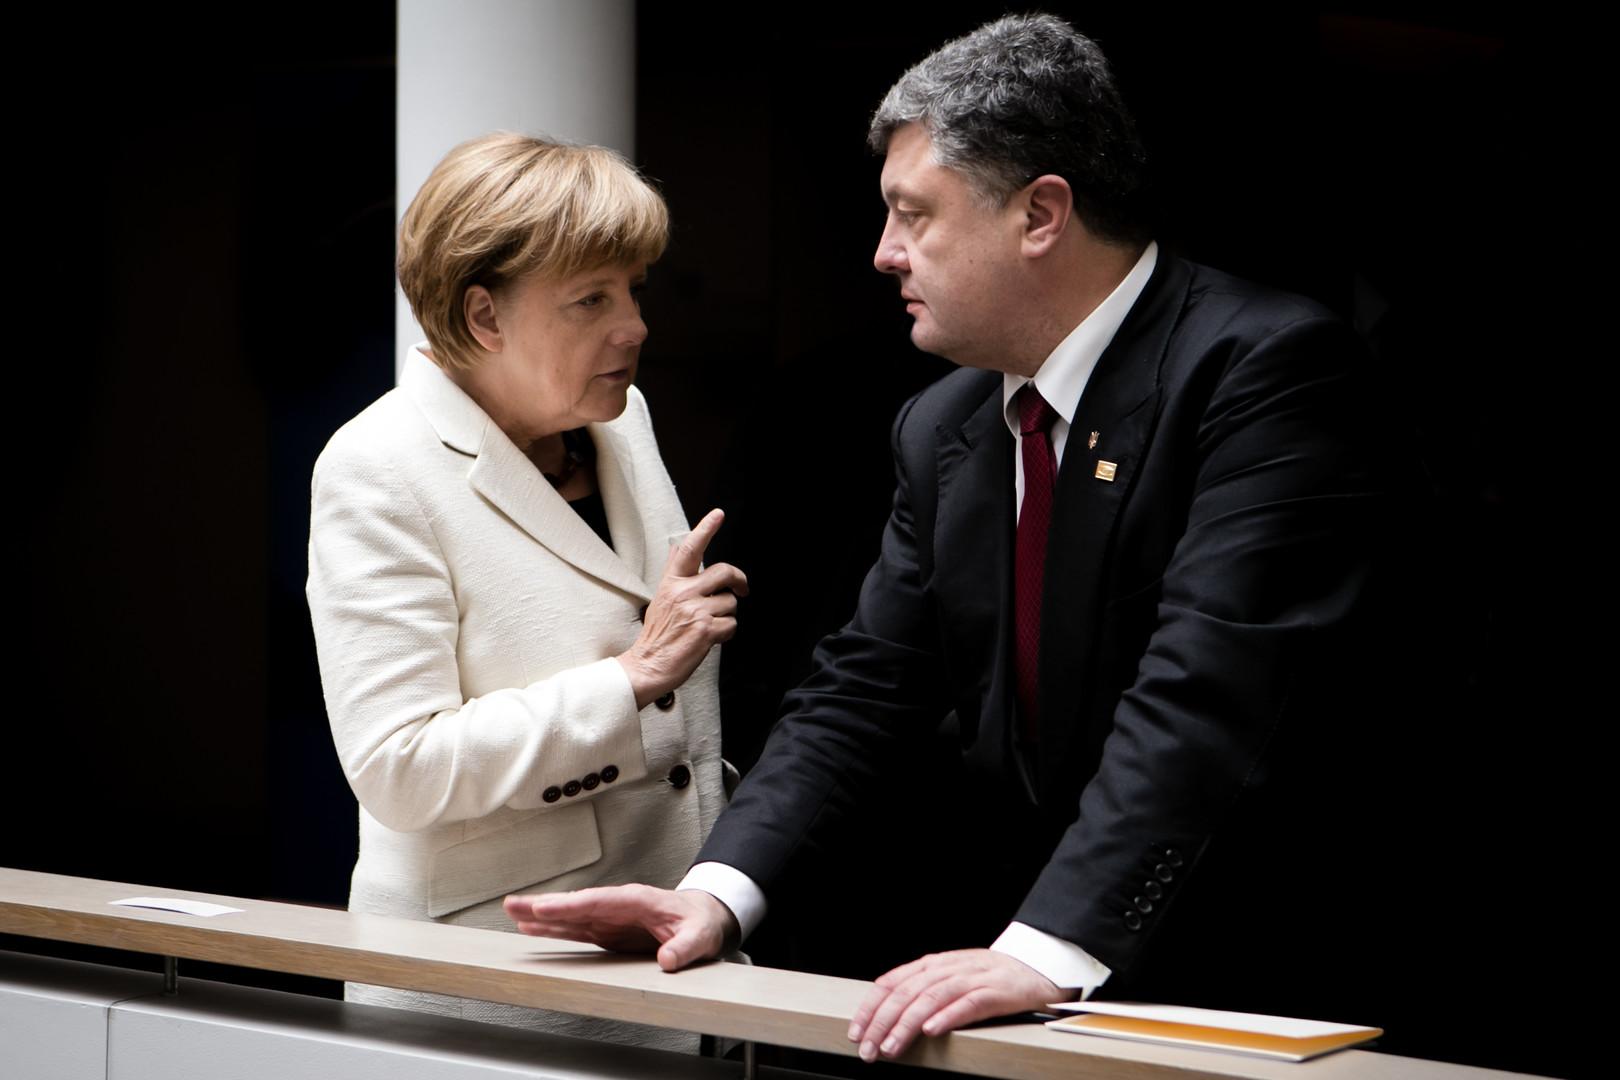 Präsident Poroschenko und Kanzlerin Merkel in Brussel am 30.08.2014.